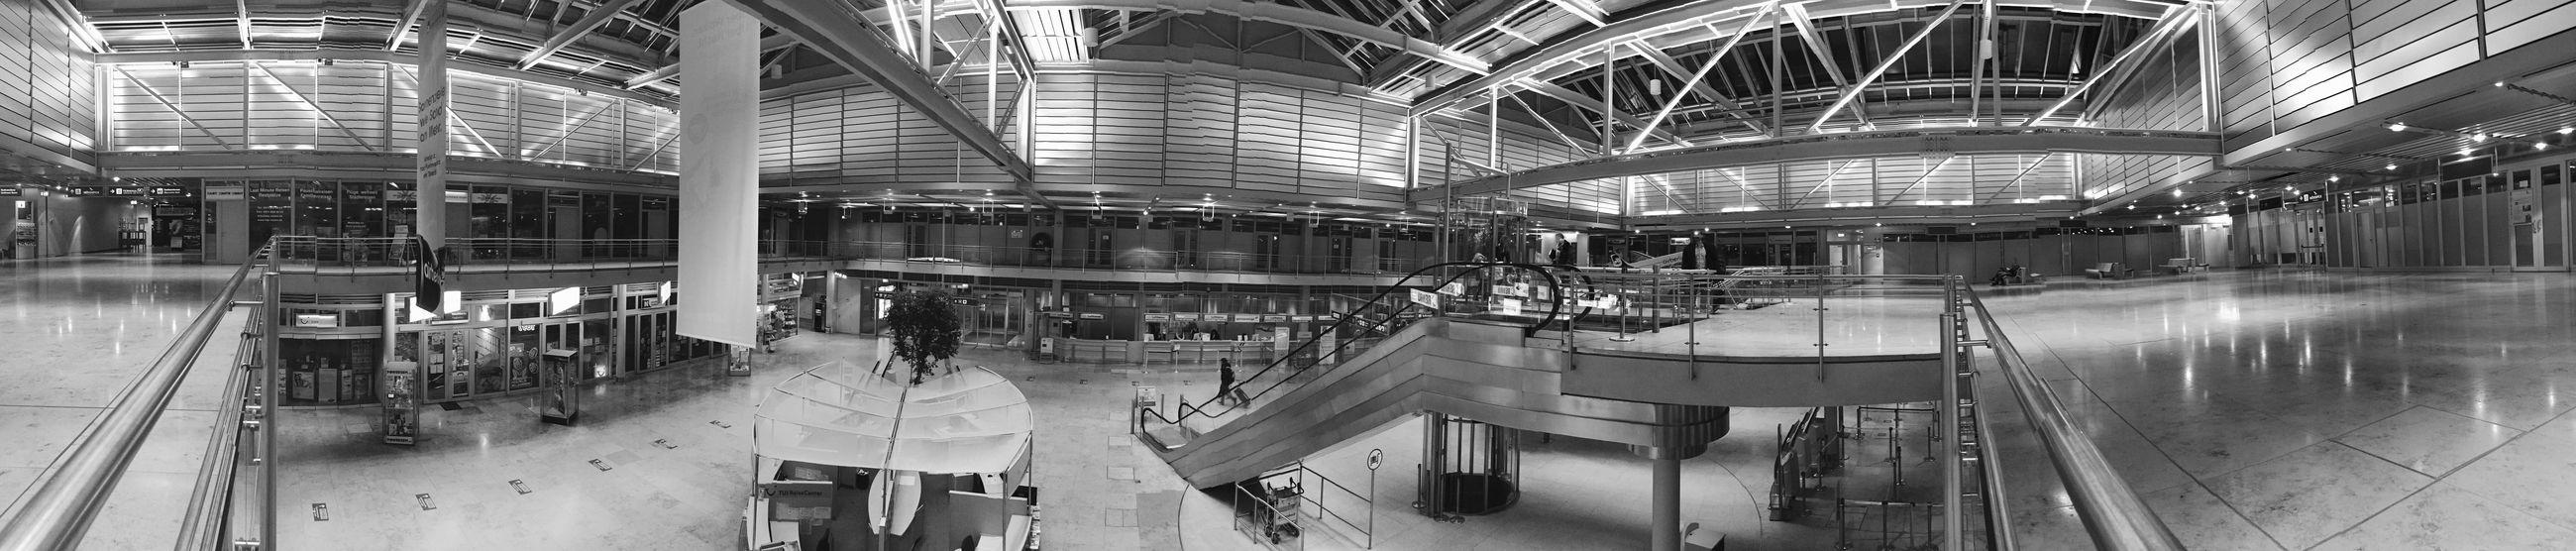 Architecture 180° Panorama Blackandwhite Airport